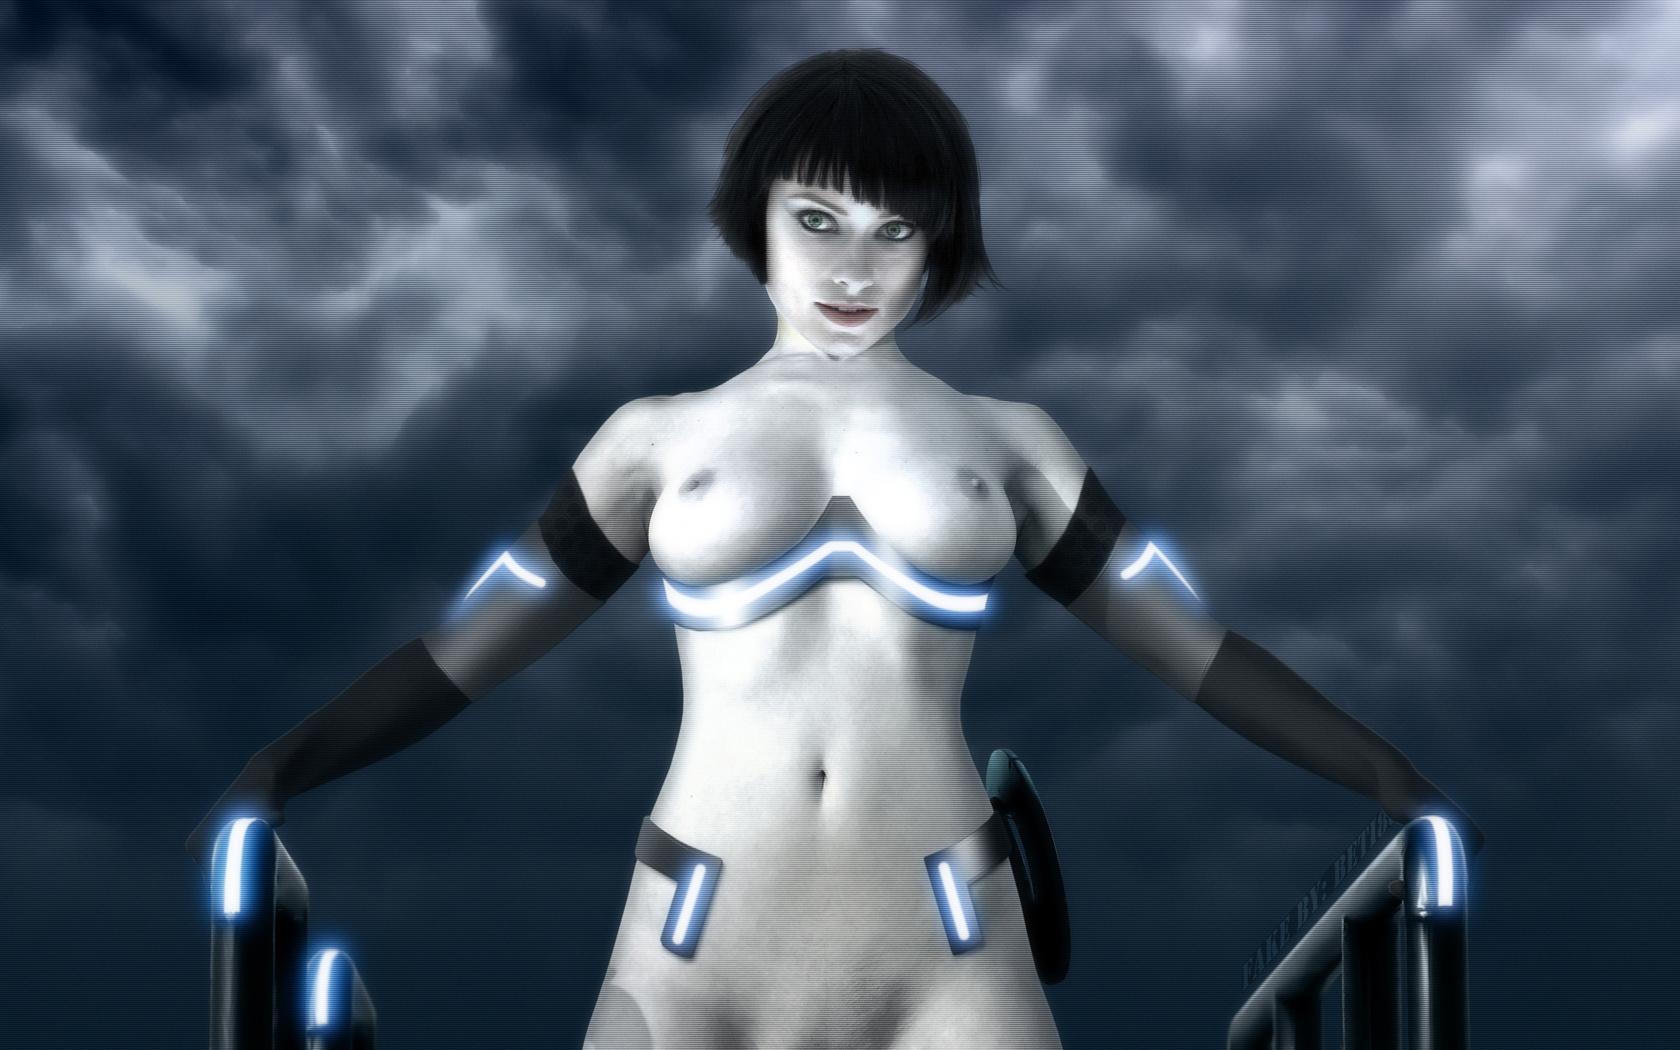 preggo-porno-tron-girl-nude-sexed